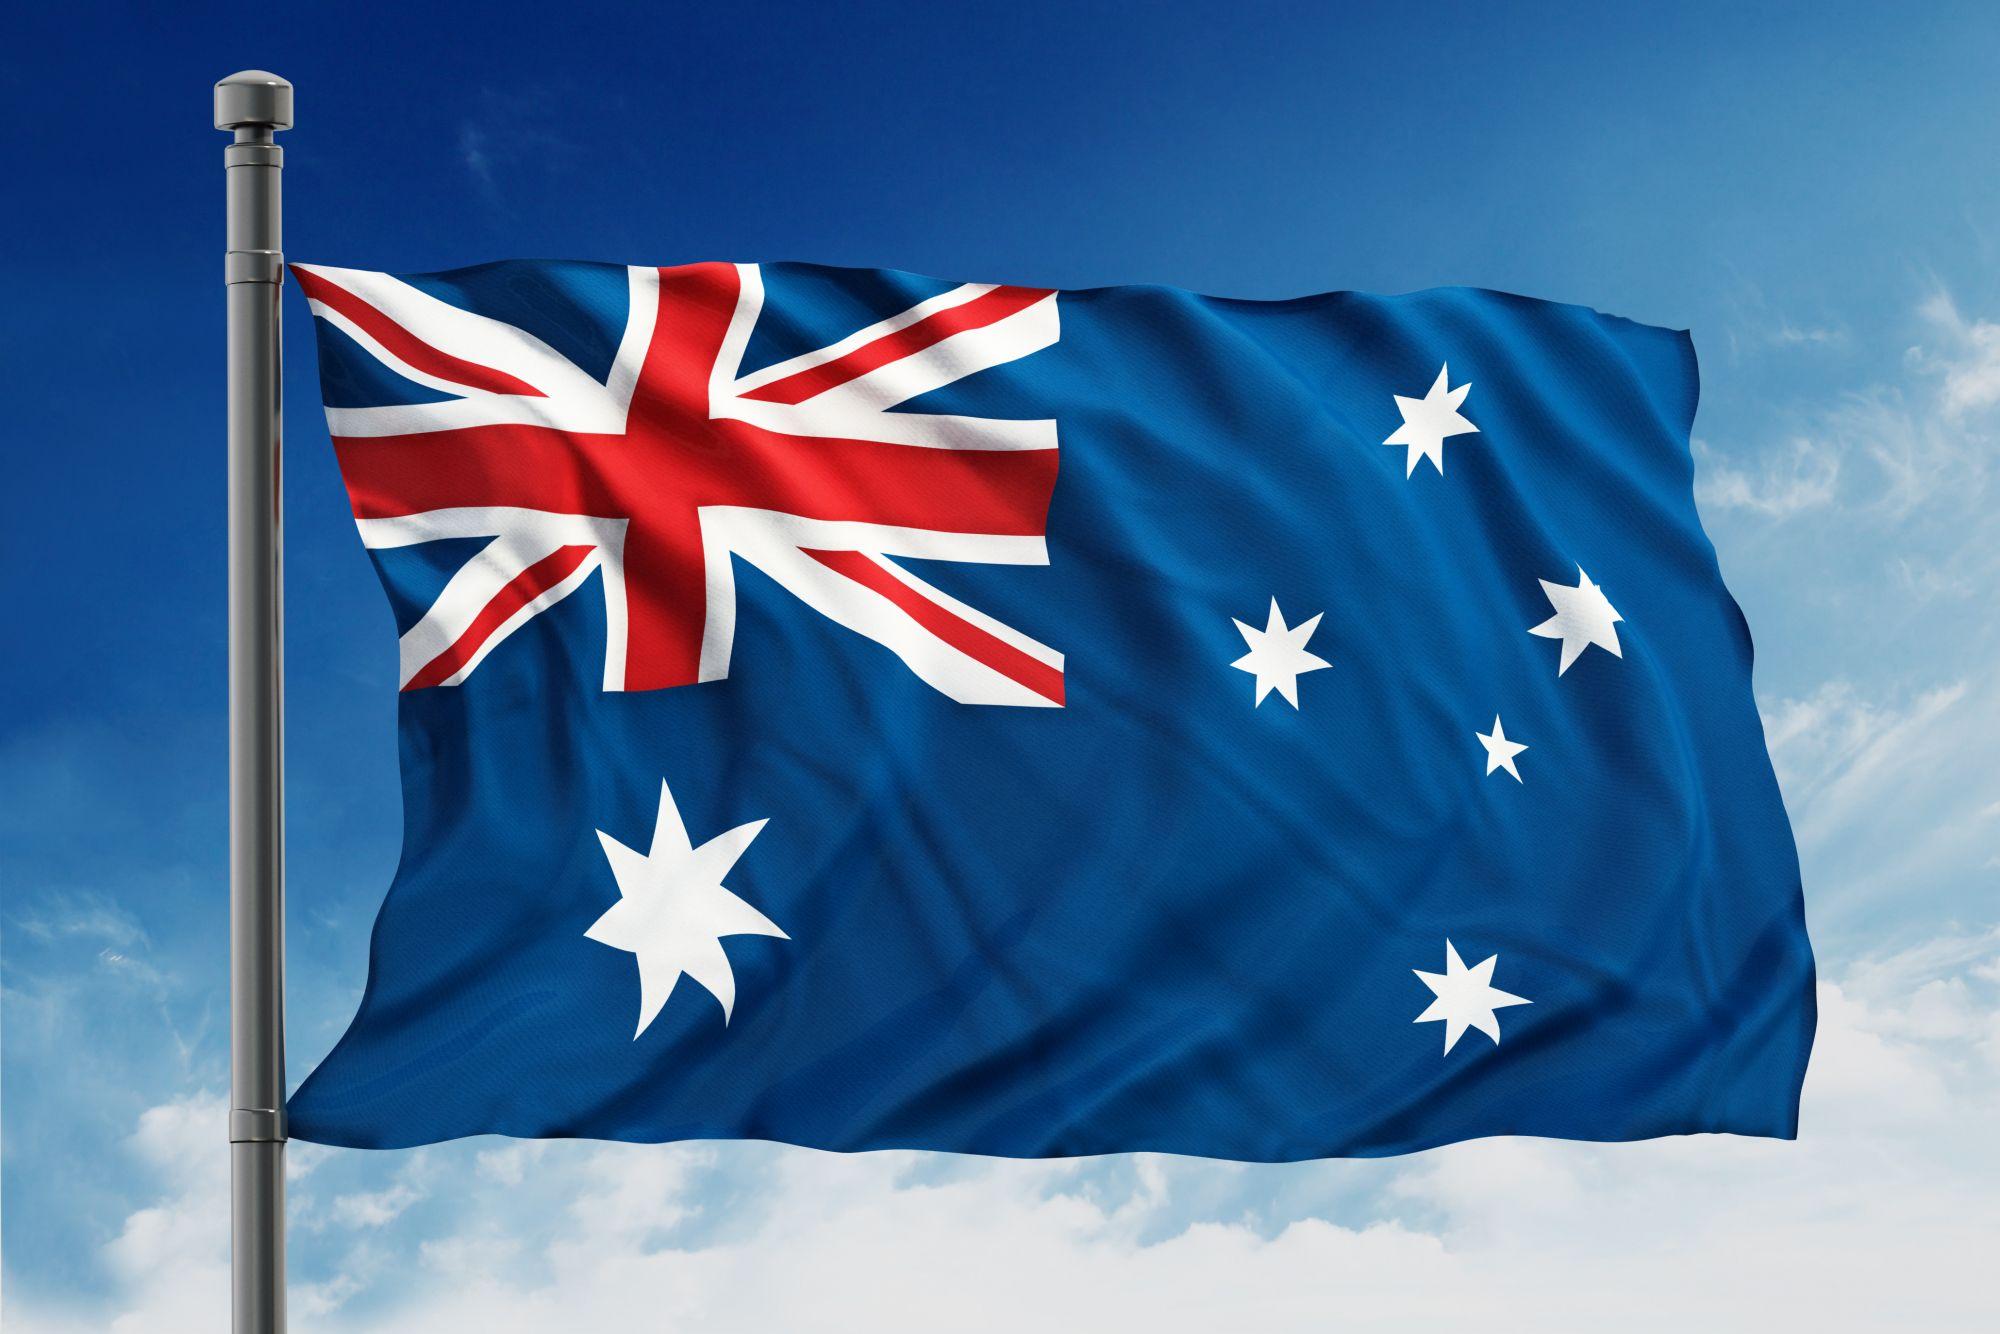 استراليا تقرر عدم حضور مؤتمر الاستثمار بالرياض بسبب مقتل خاشقجي